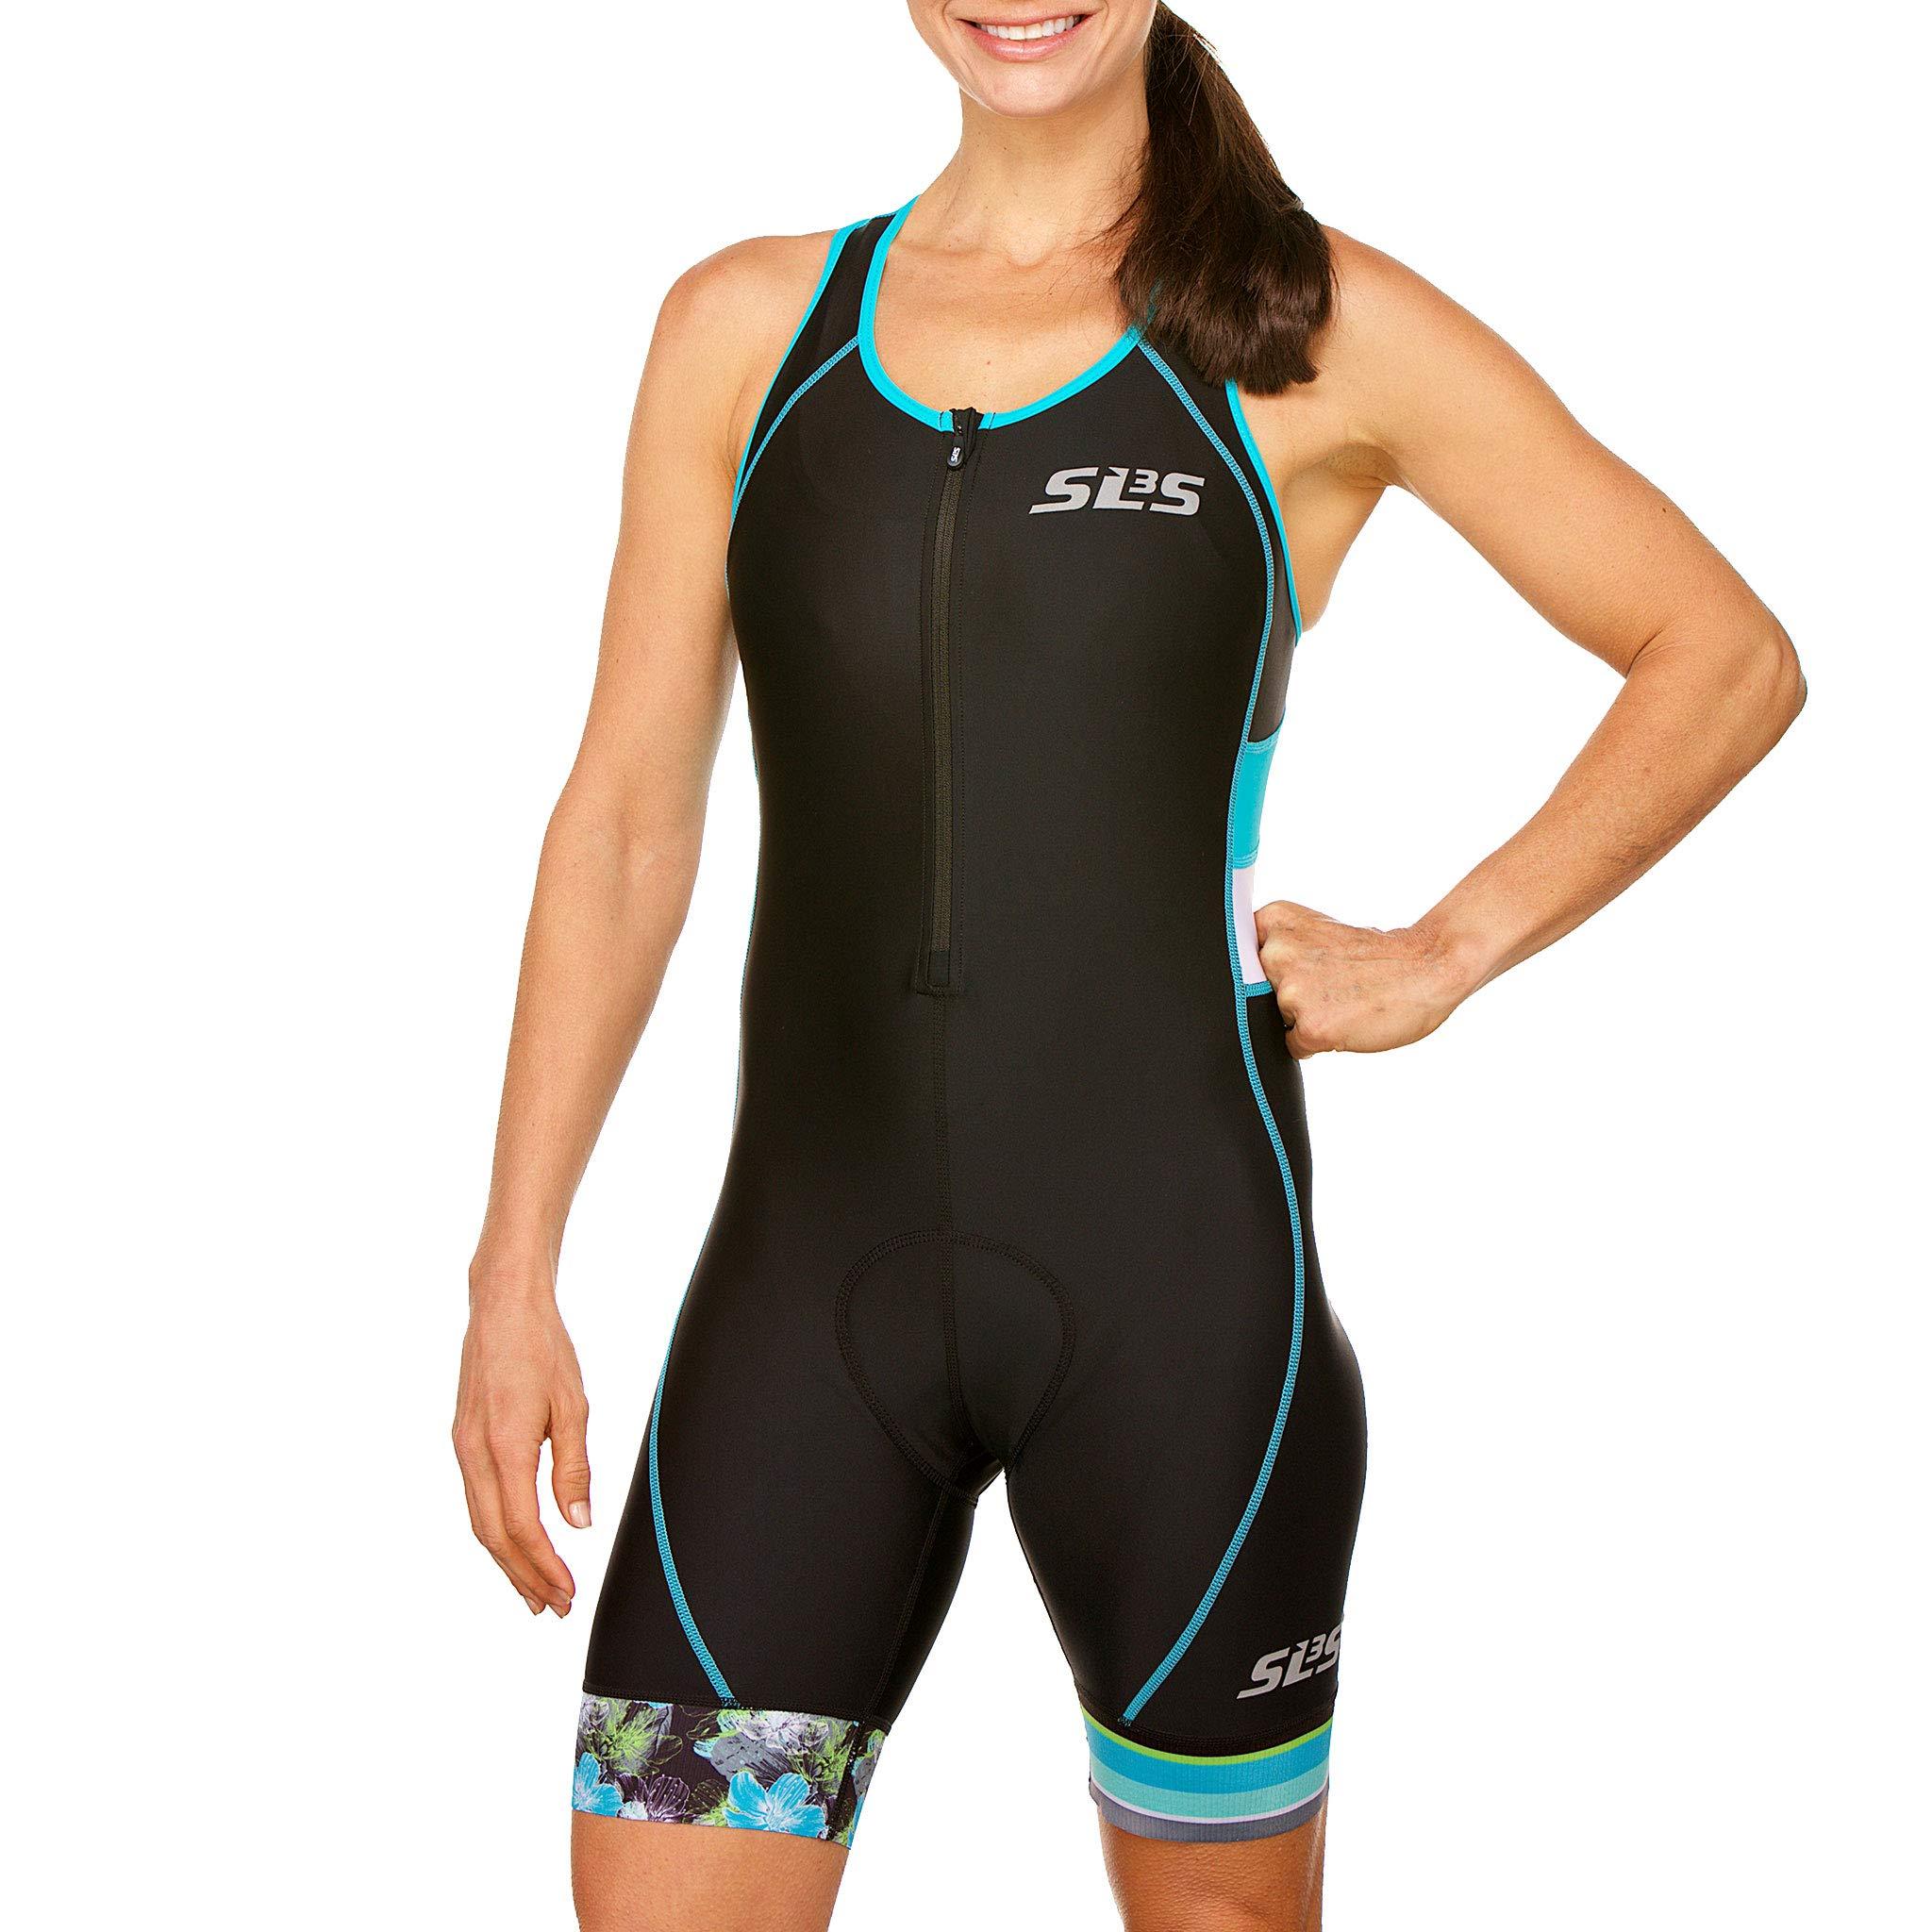 SLS3 Women`s Triathlon Suit FX | Womens Trisuits | 1 Pocket Triathlon Gear Suits Women | Anti-Friction Seams Womens Tri Suit | German Designed (Black/Martinica Blue, XL) by SLS3 (Image #1)